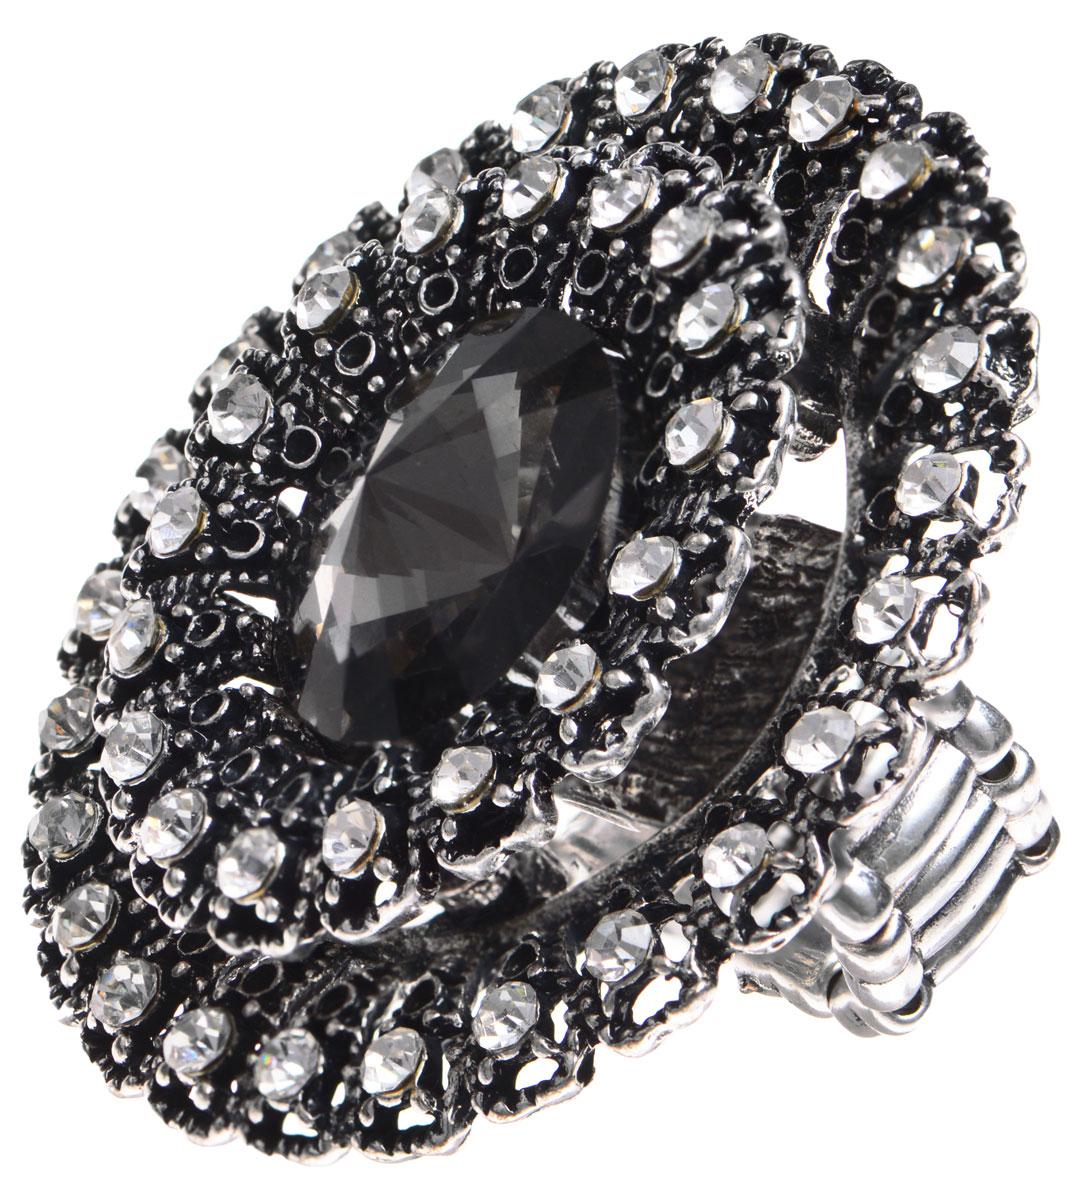 Кольцо Taya, цвет: серебристый. T-B-9264T-B-9264-RING-SILVERОригинальное кольцо Taya выполнено из бижутерийного сплава, дополнено декоративным элементом в виде цветка, каждый лепесток которого оформлен сверкающей вставкой из стекла. Сердцевина цветка украшена крупным граненым камнем. В основании изделия использована эластичная резинка, что делает размер кольца универсальным. Стильное кольцо придаст вашему образу изюминку, подчеркнет индивидуальность.